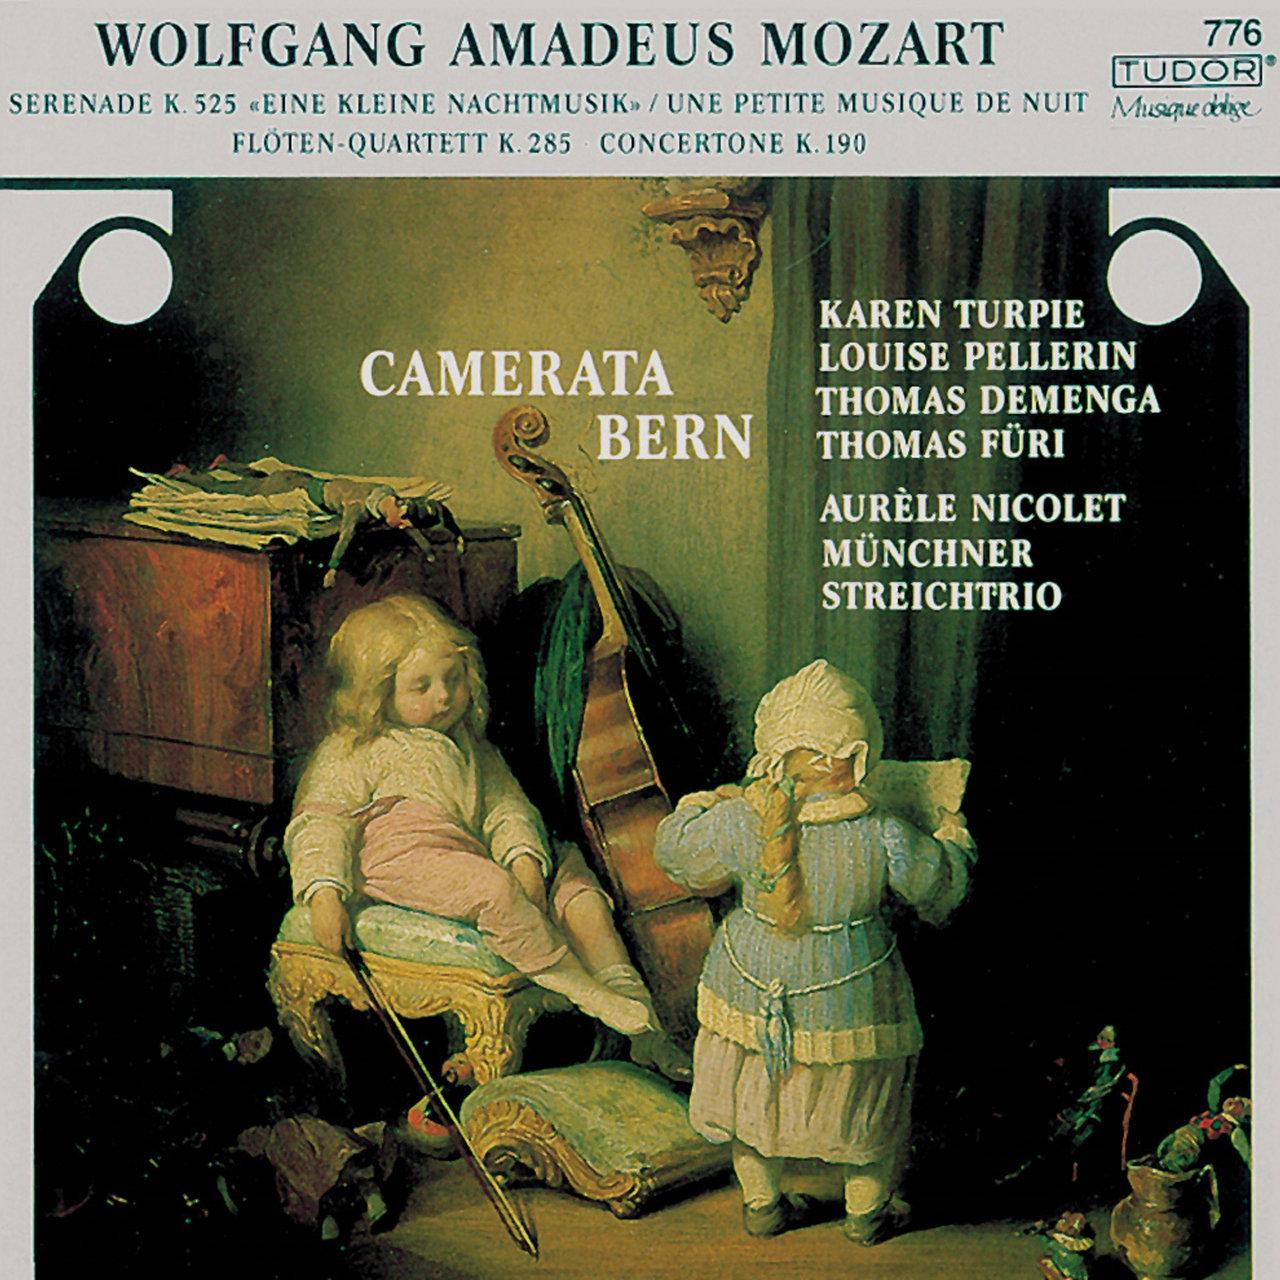 Tidal Listen To Mozart Eine Kleine Nachtmusik Concertone Flute Wiring Diagram Quartet No 1 On